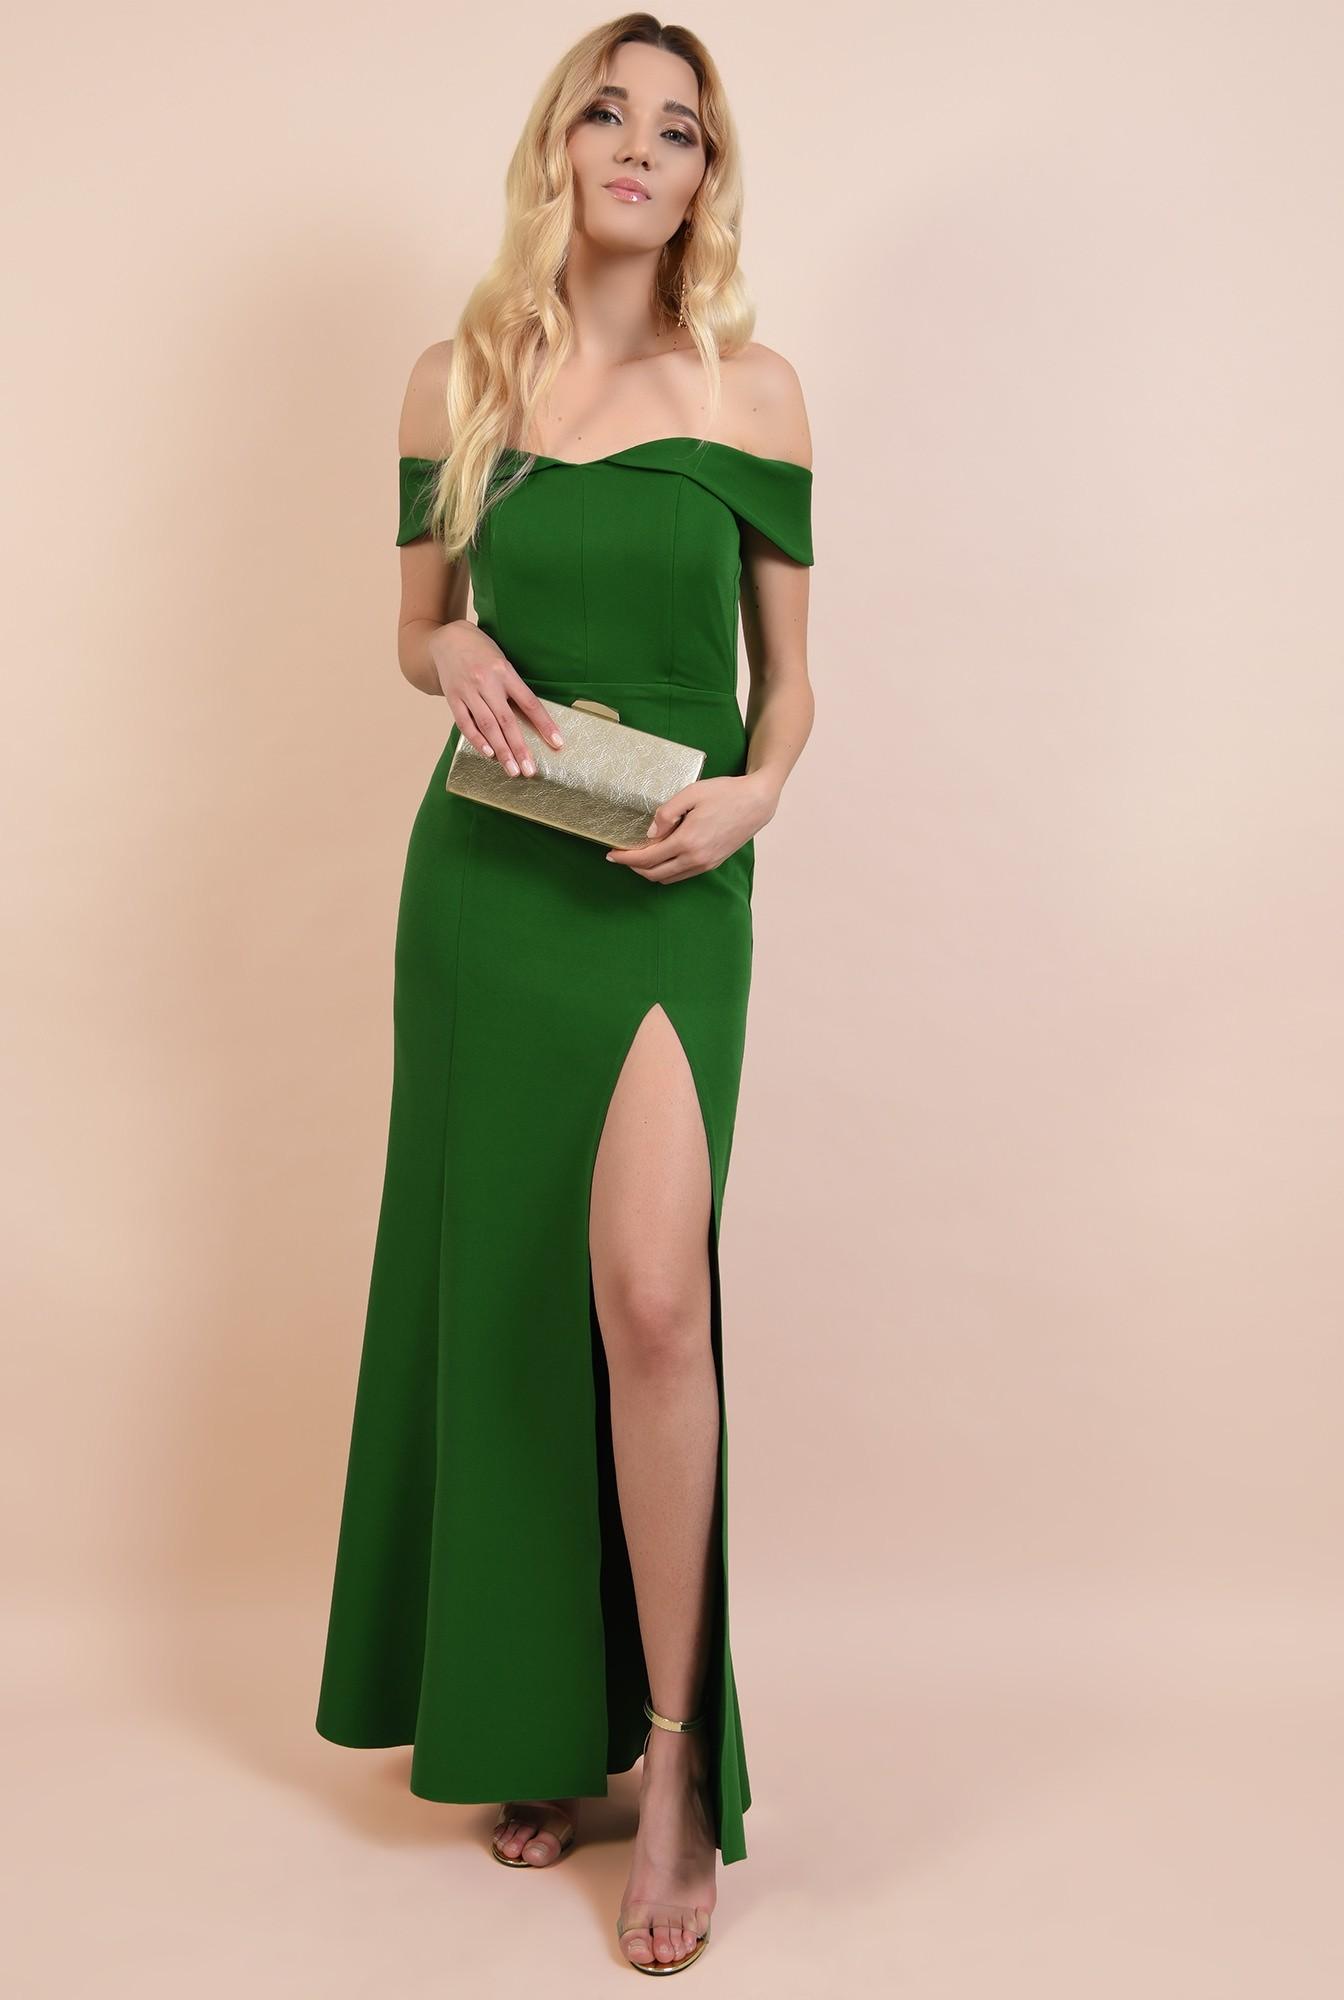 3 - rochie de seara, cu crapeu, umeri goi, decoltata, verde, rochii online